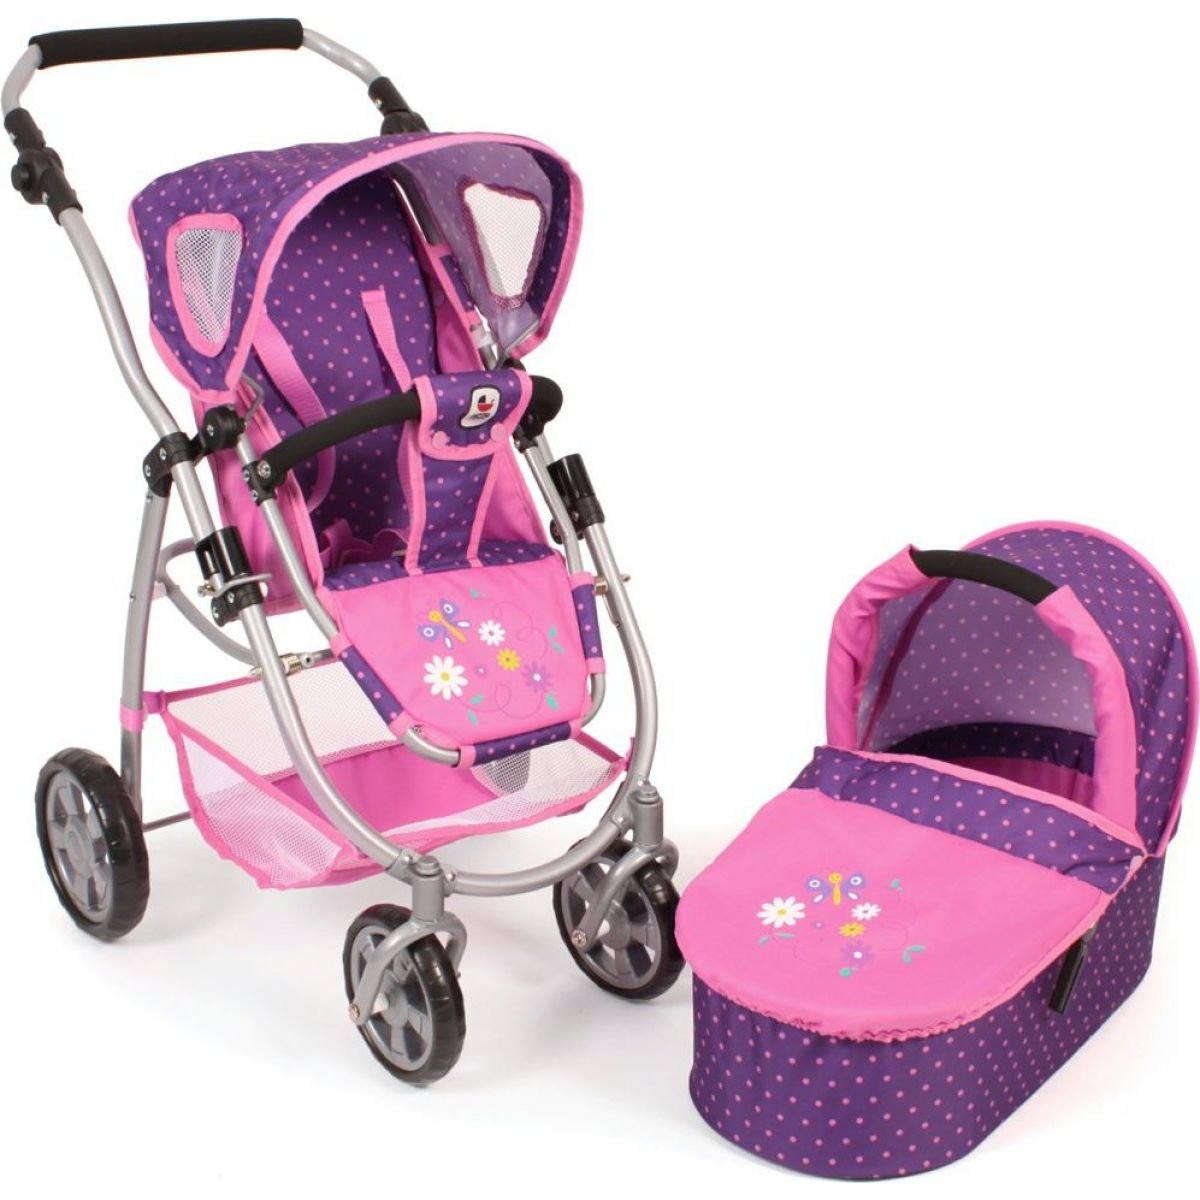 Bayer Chic Kočárek pro panenky Emotion 2v1 - Dots purple pink